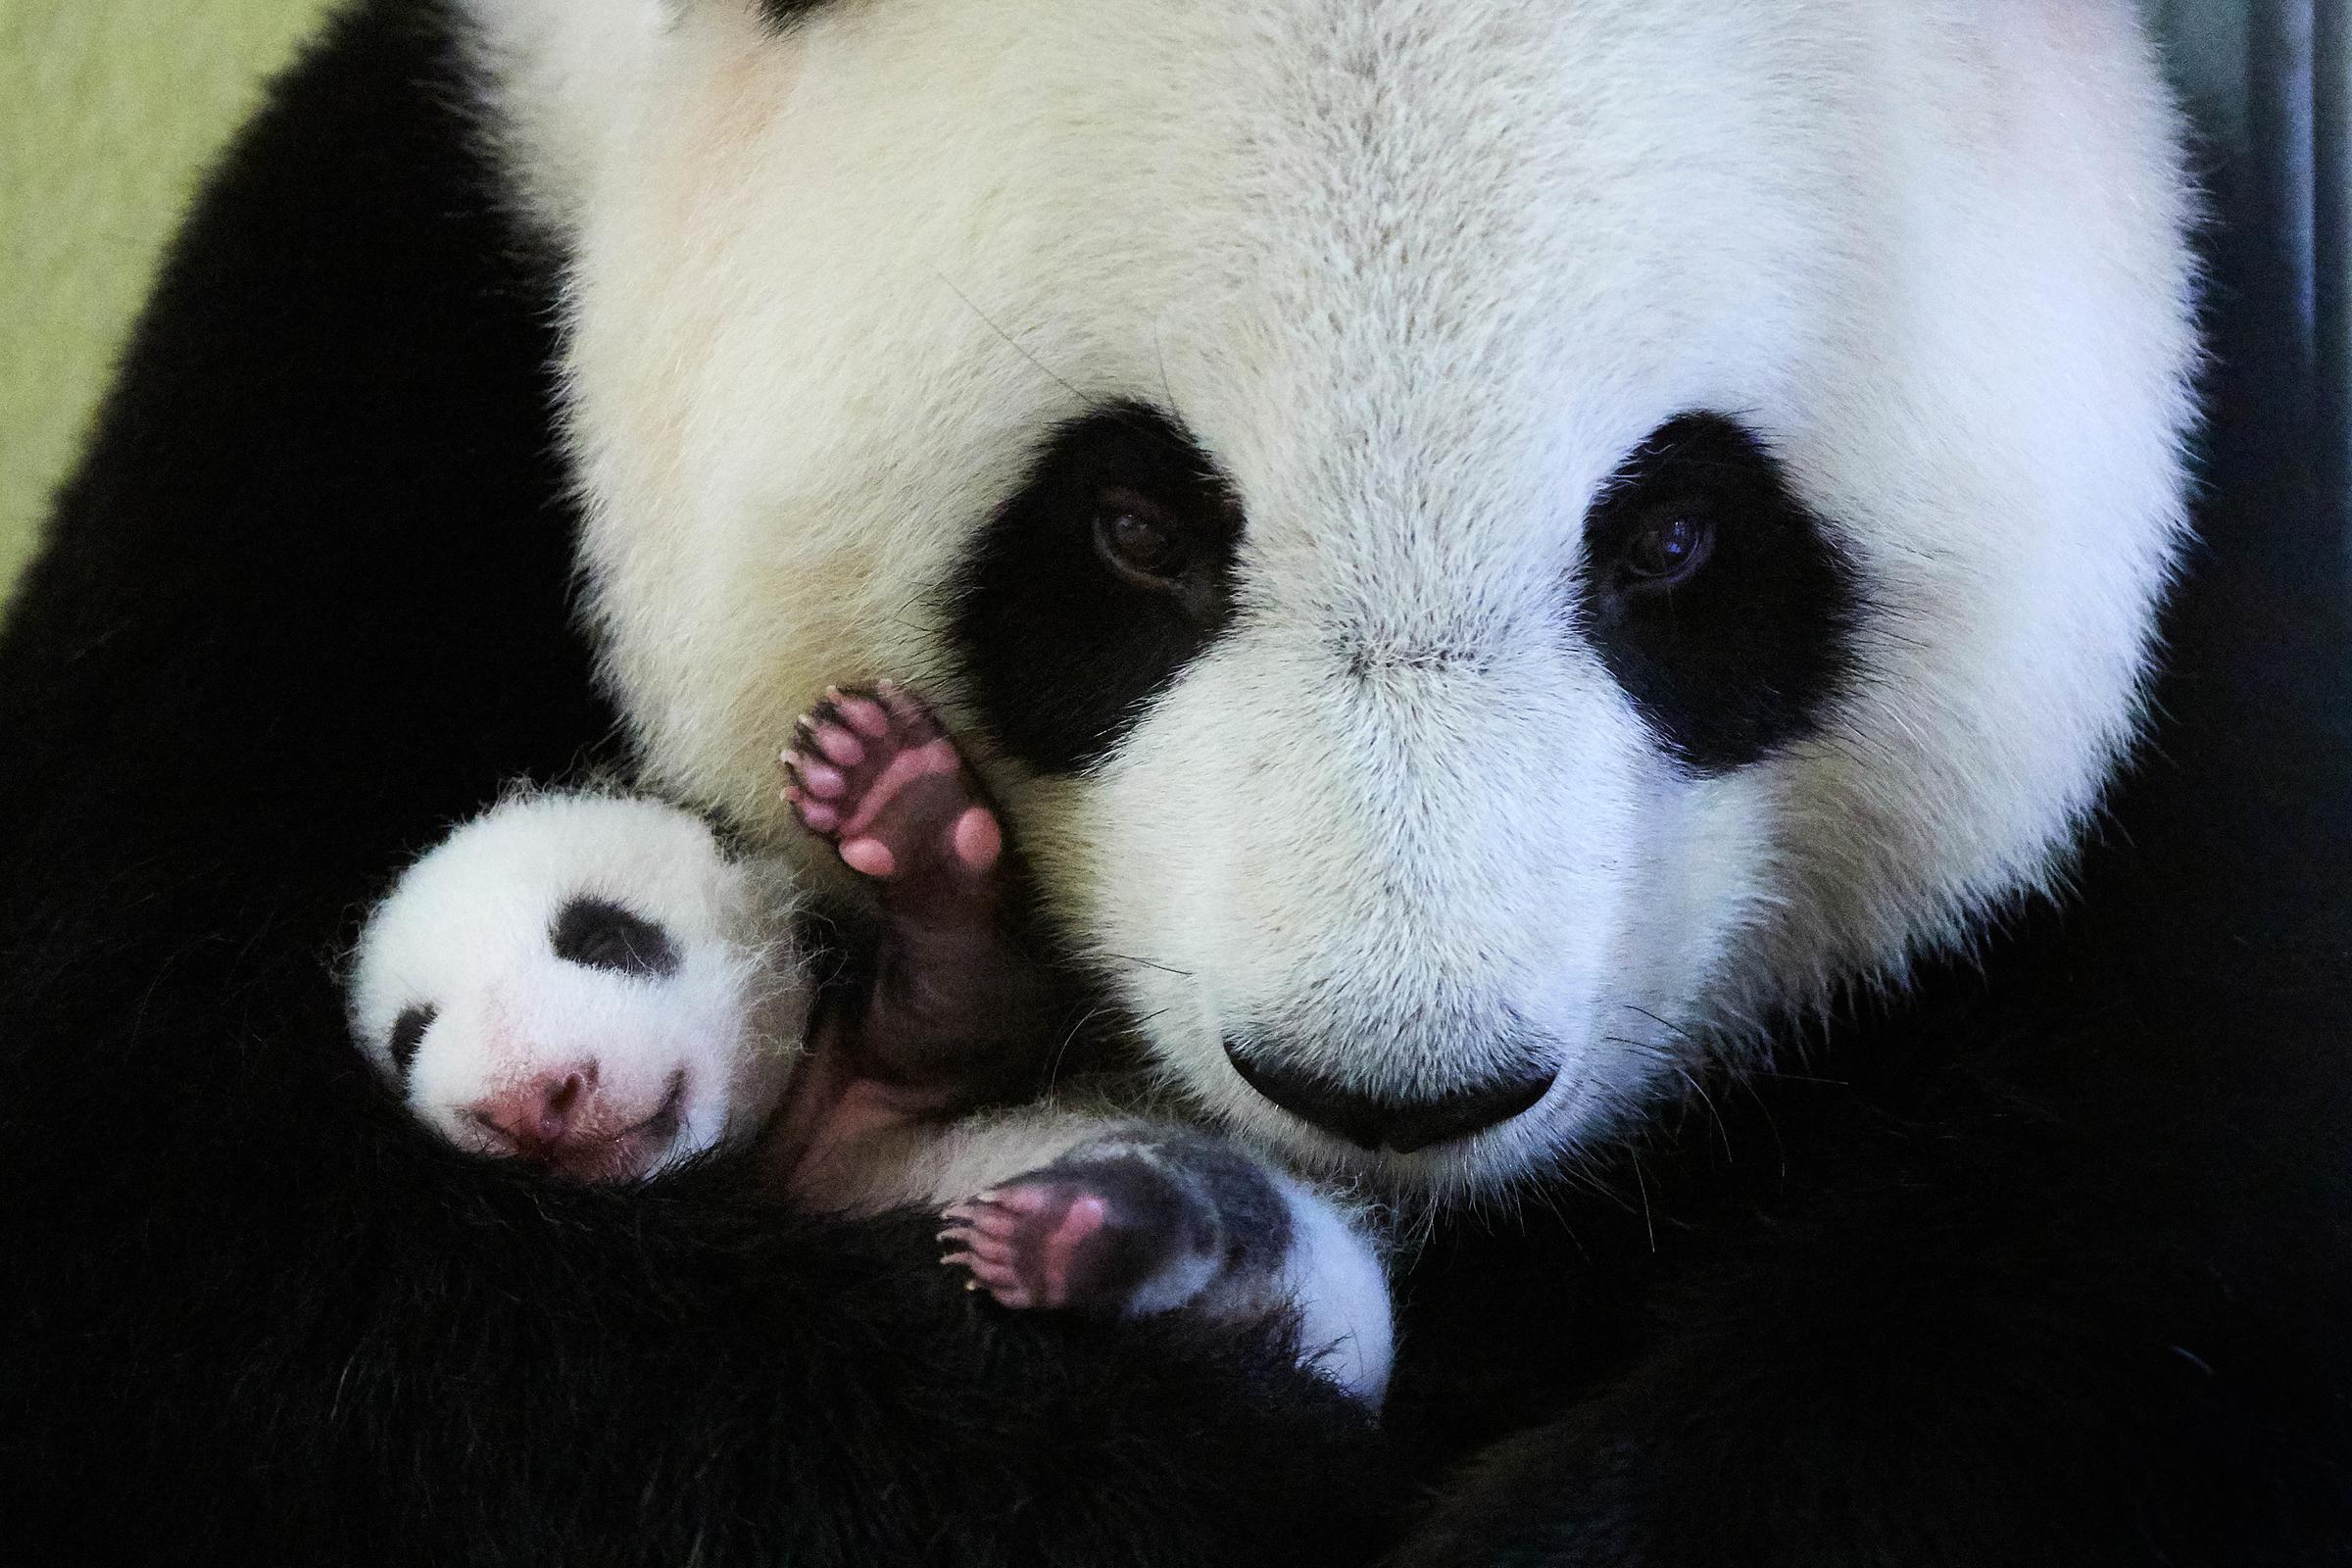 Isopandaemo hoivaa pientä poikastaan pidellen sitä tassuissaan.